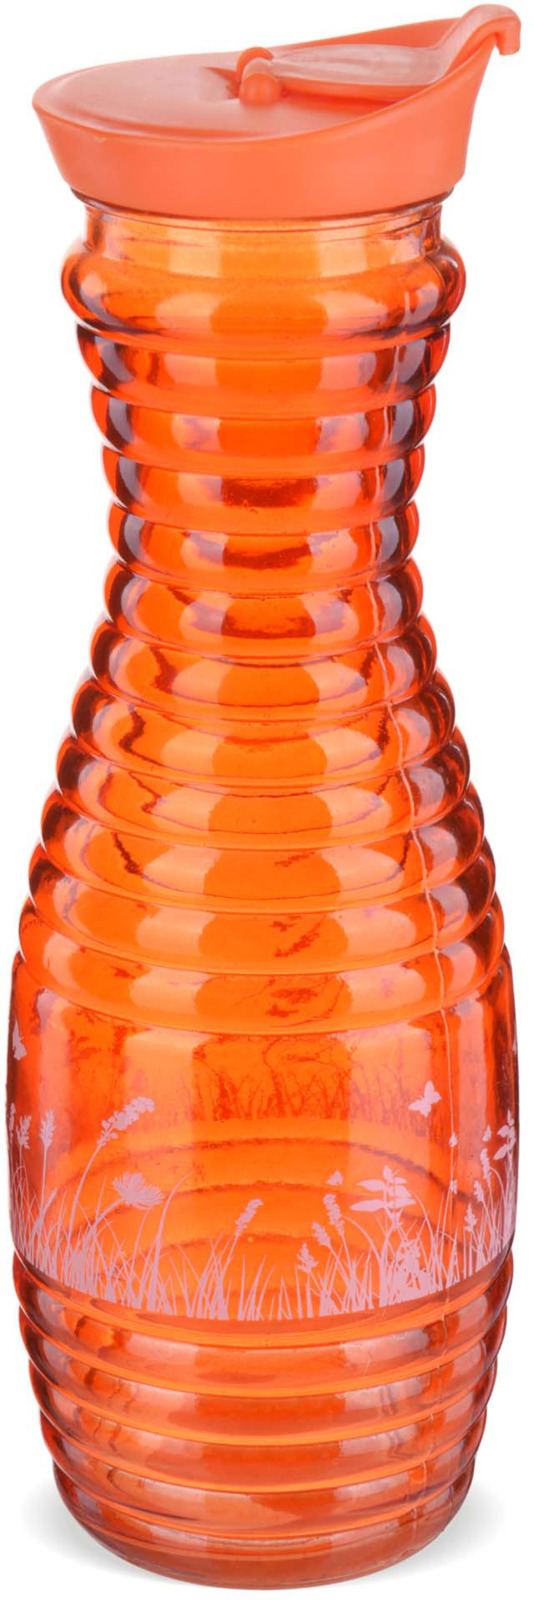 Графин Loraine выполнен из высококачественного стекла и пластика. Удобная форма носика и крышка позволяет защитить ваш напиток от попадания излишних запахов в ваш напиток. Подходит для: соков, морсов, компотов и любых интересных для Вас напитков. Кувшин так же имеет удобную ручку, которая упрощает использование его. За счет гладкой поверхности, изделие легко мыть. Подходит для мытья в посудомоечной машине.